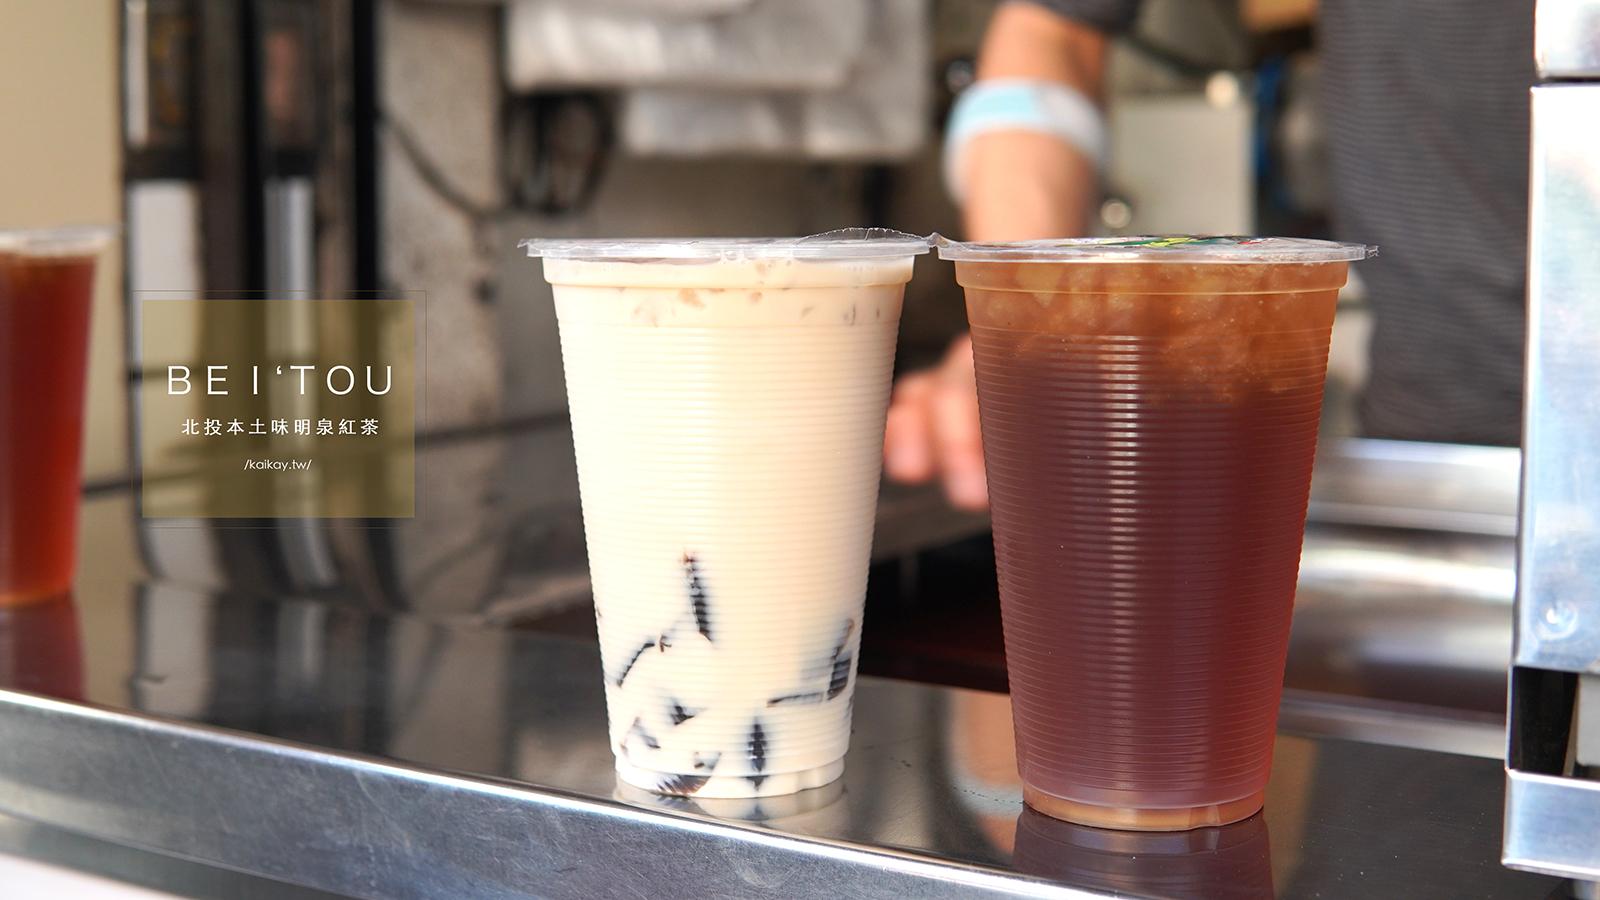 即時熱門文章:☆【台北|北投】明泉紅茶:「無糖紅茶比較貴」原因大解密